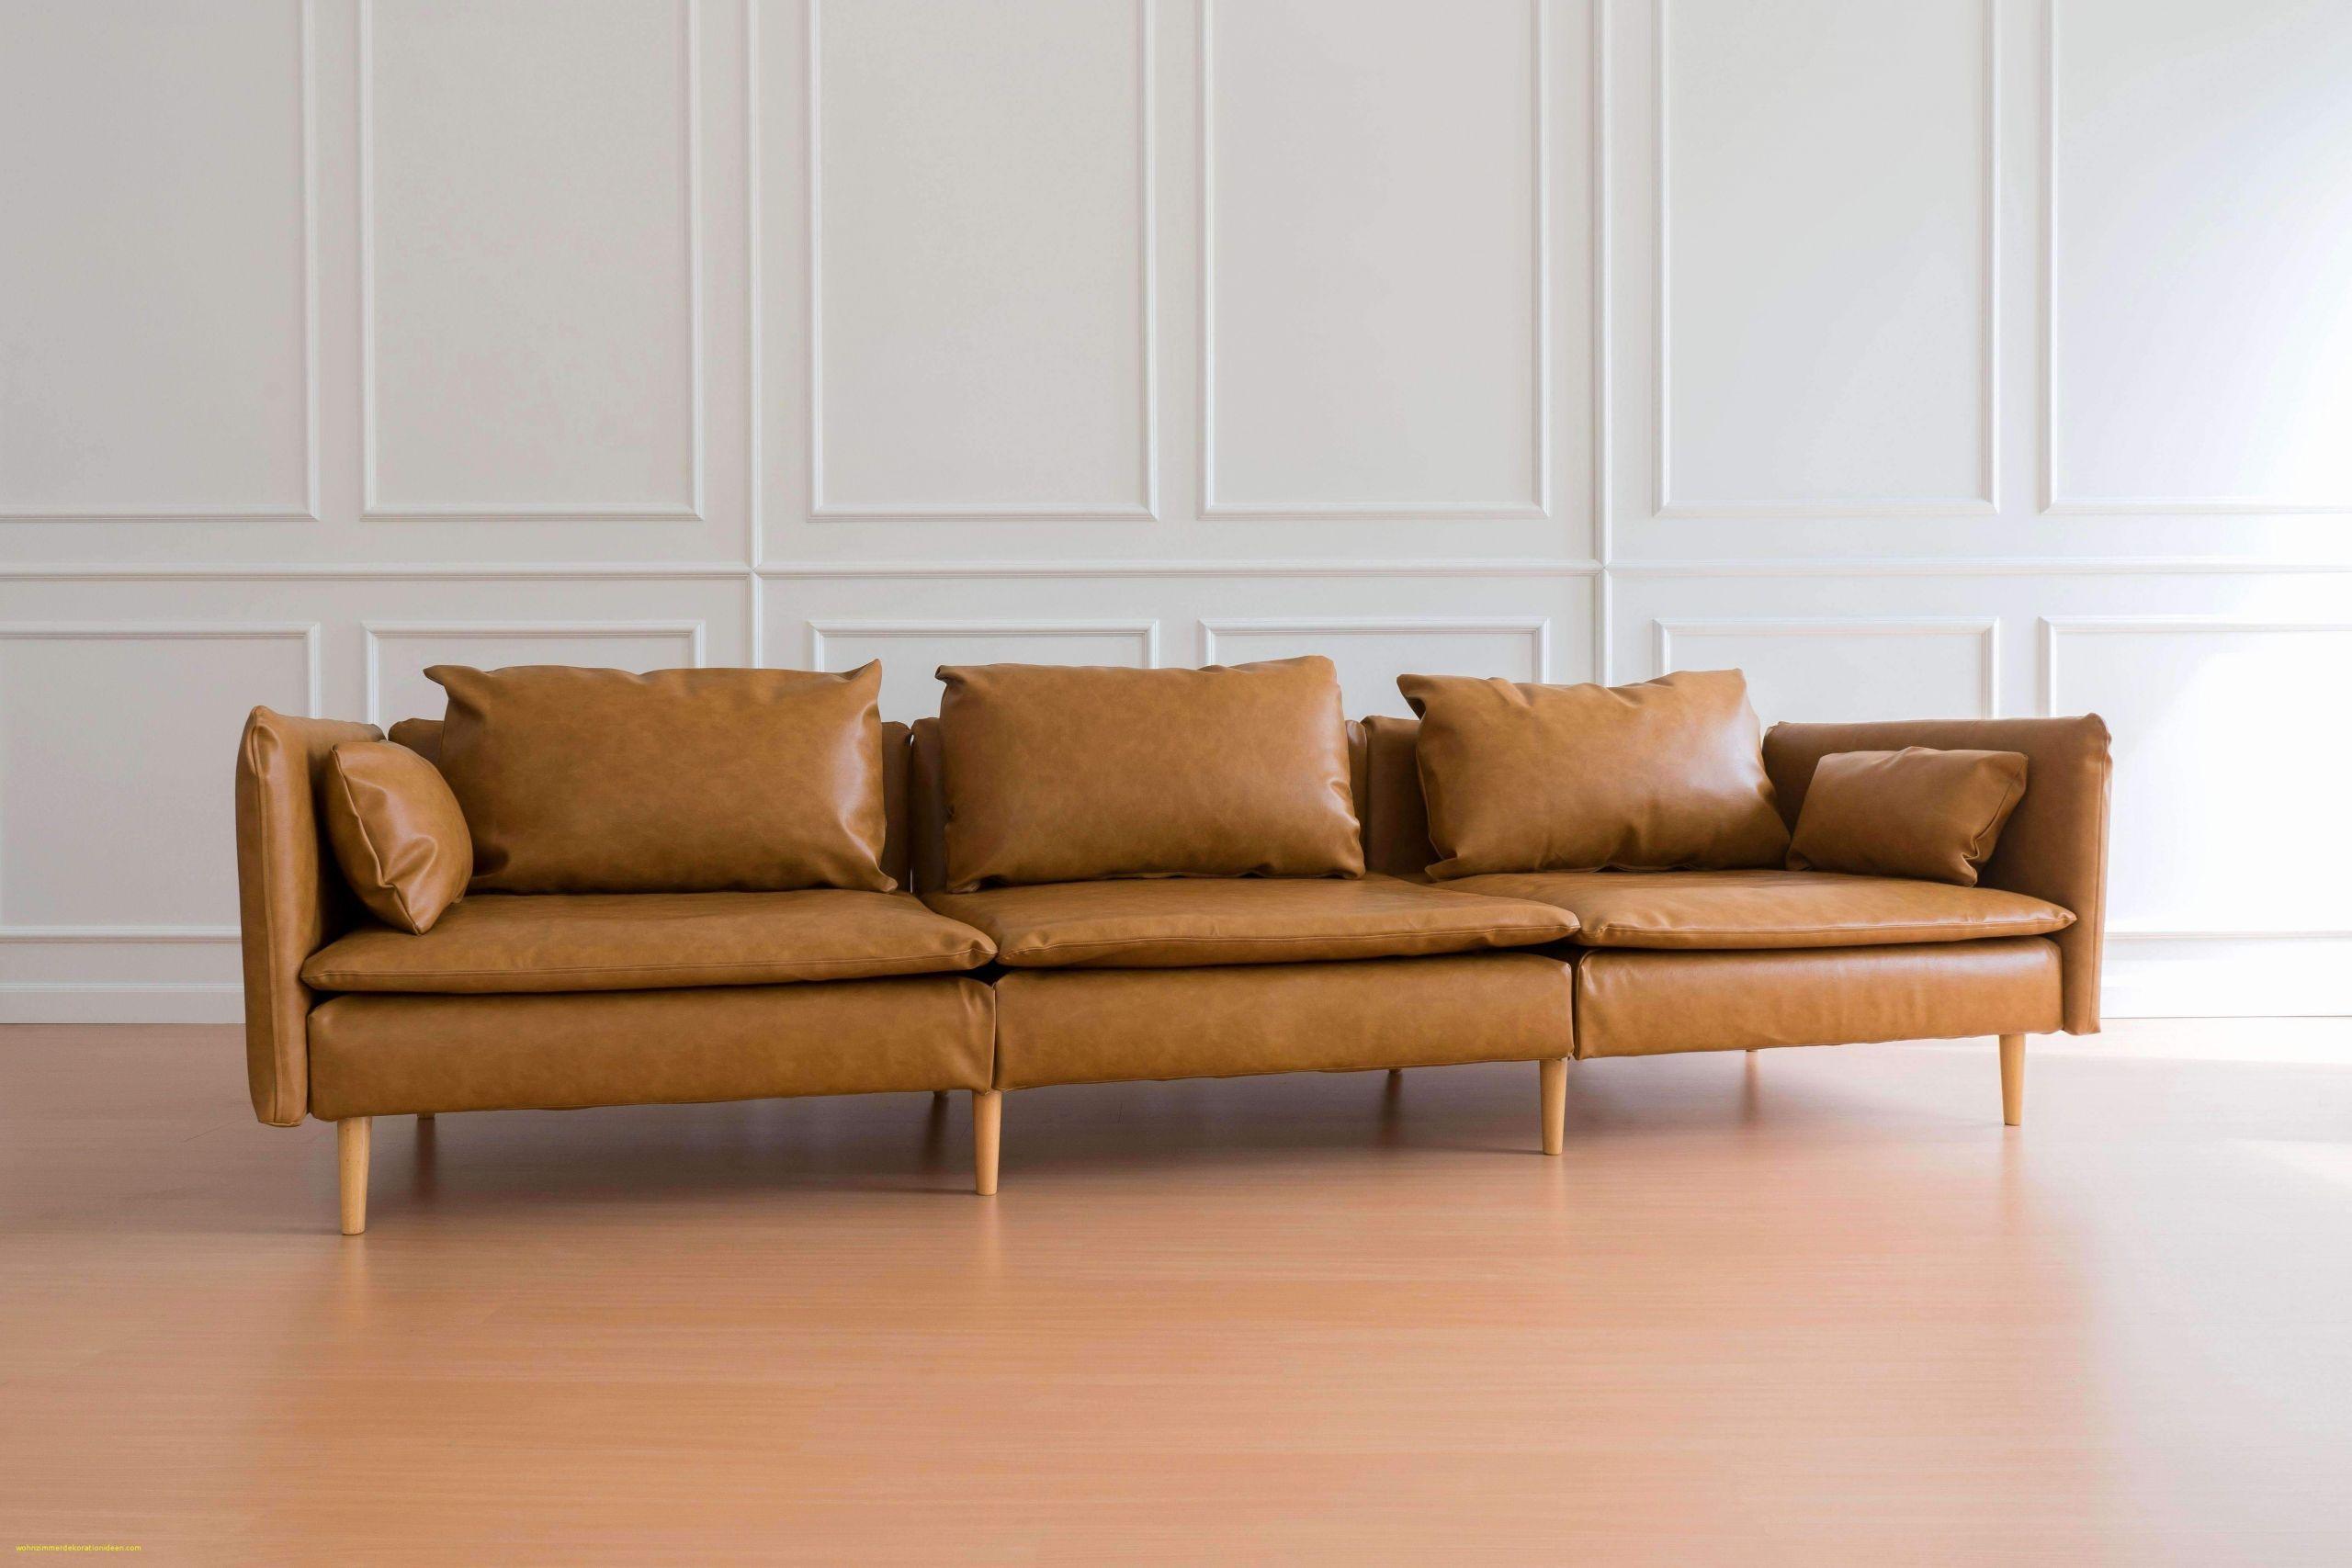 Full Size of Sitzbank Wohnzimmer Genial Ikea Holz Frisch Betten Bei Bett Küche Kosten Modulküche Bad Miniküche 160x200 Kaufen Sofa Mit Schlaffunktion Schlafzimmer Lehne Wohnzimmer Ikea Sitzbank